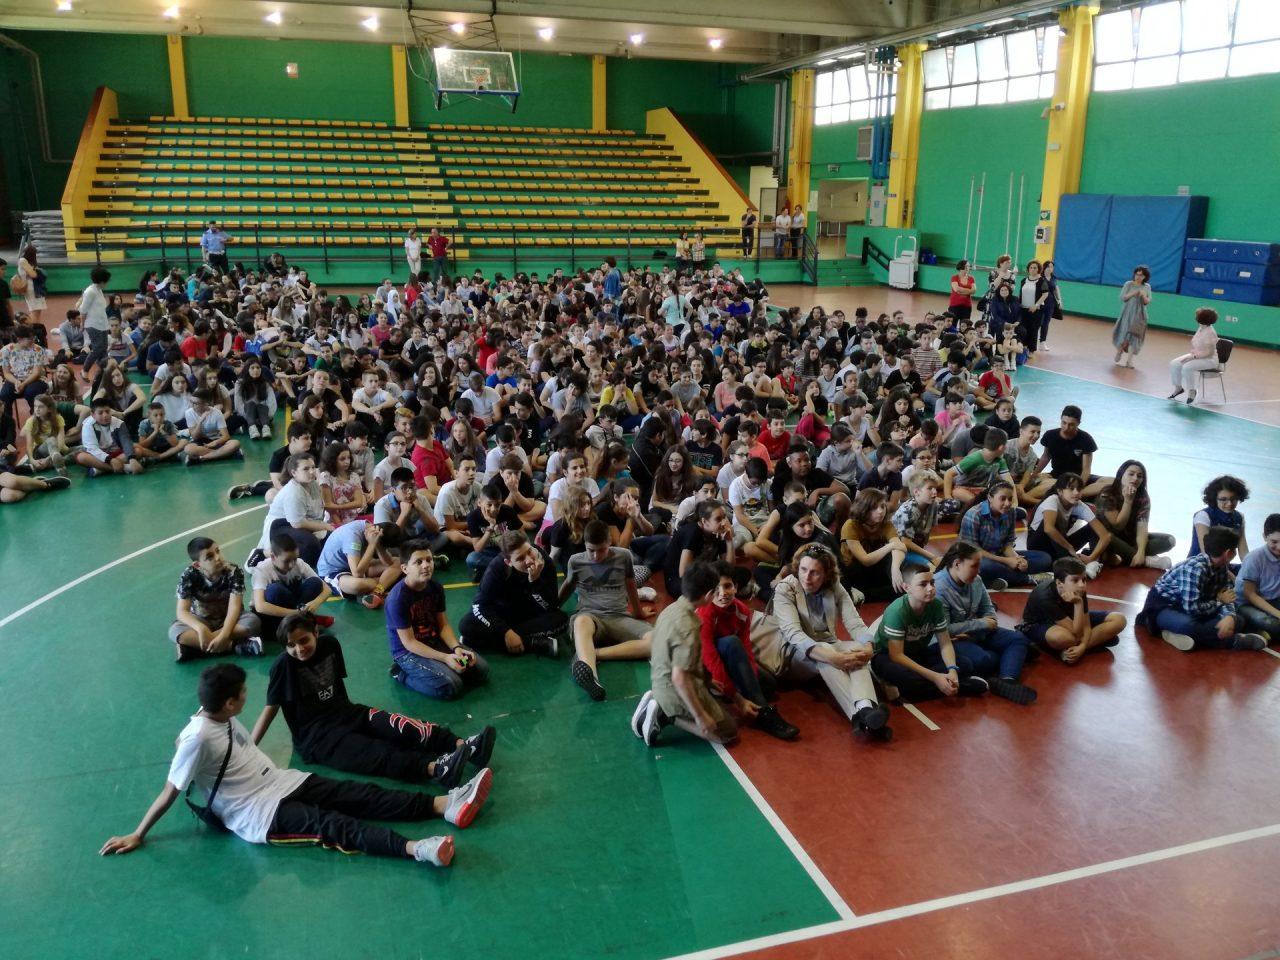 Cologno Monzese bullismo a scuola premiazione al palazzetto dello sport di via Volta del progetto Stop al bullo